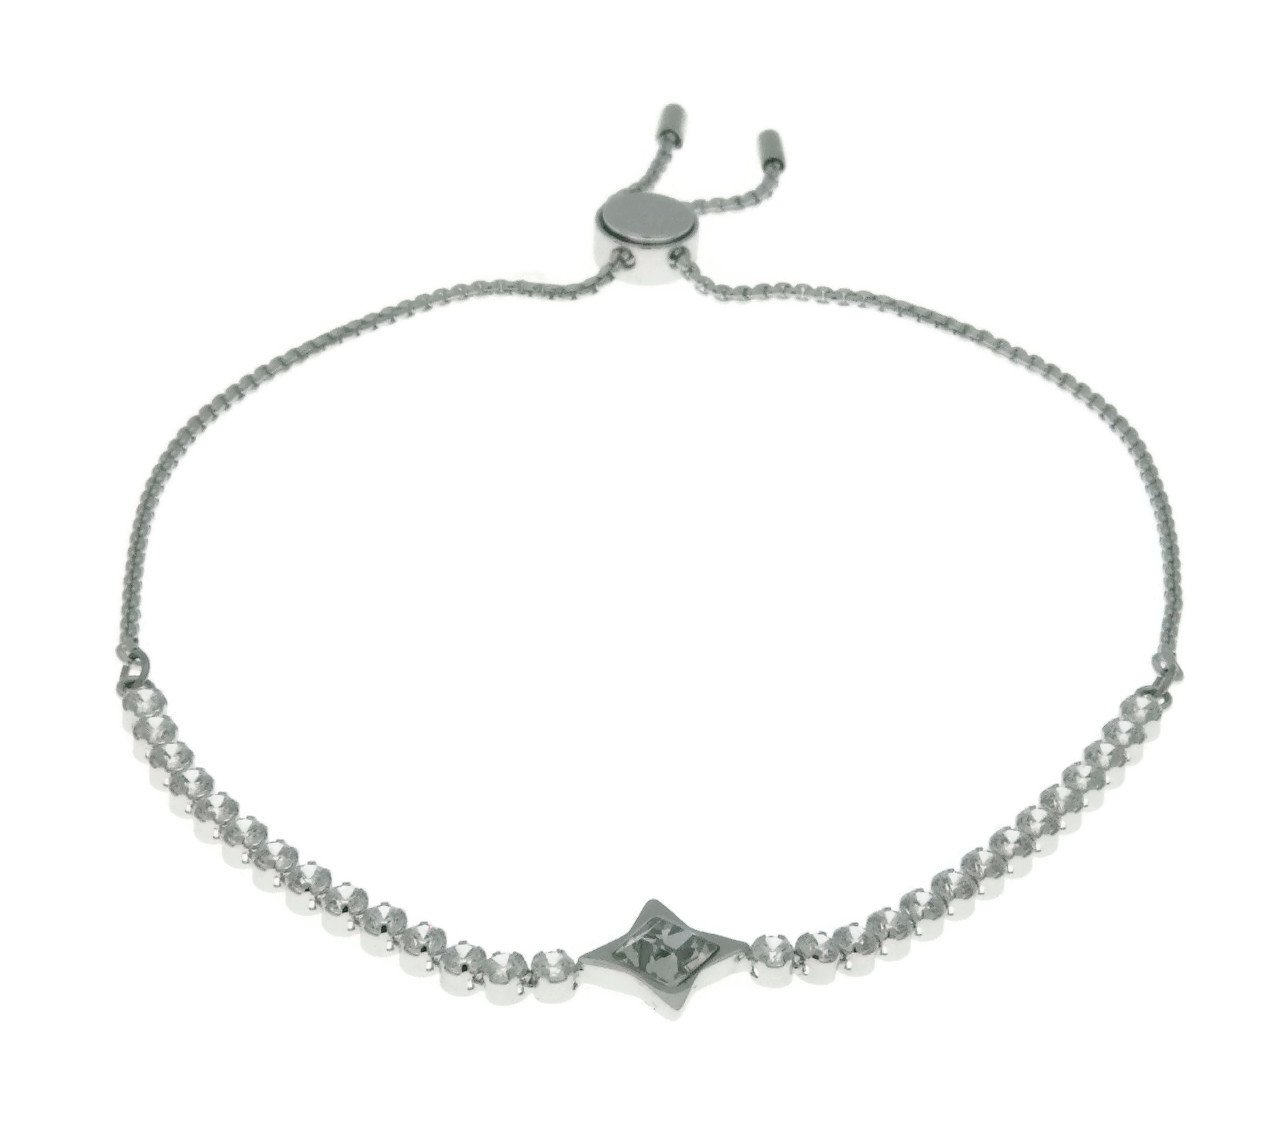 Swarovski Crystal White Rhodium-Plated Subtle Star Bolo Bracelet by Swarovski (Image #1)